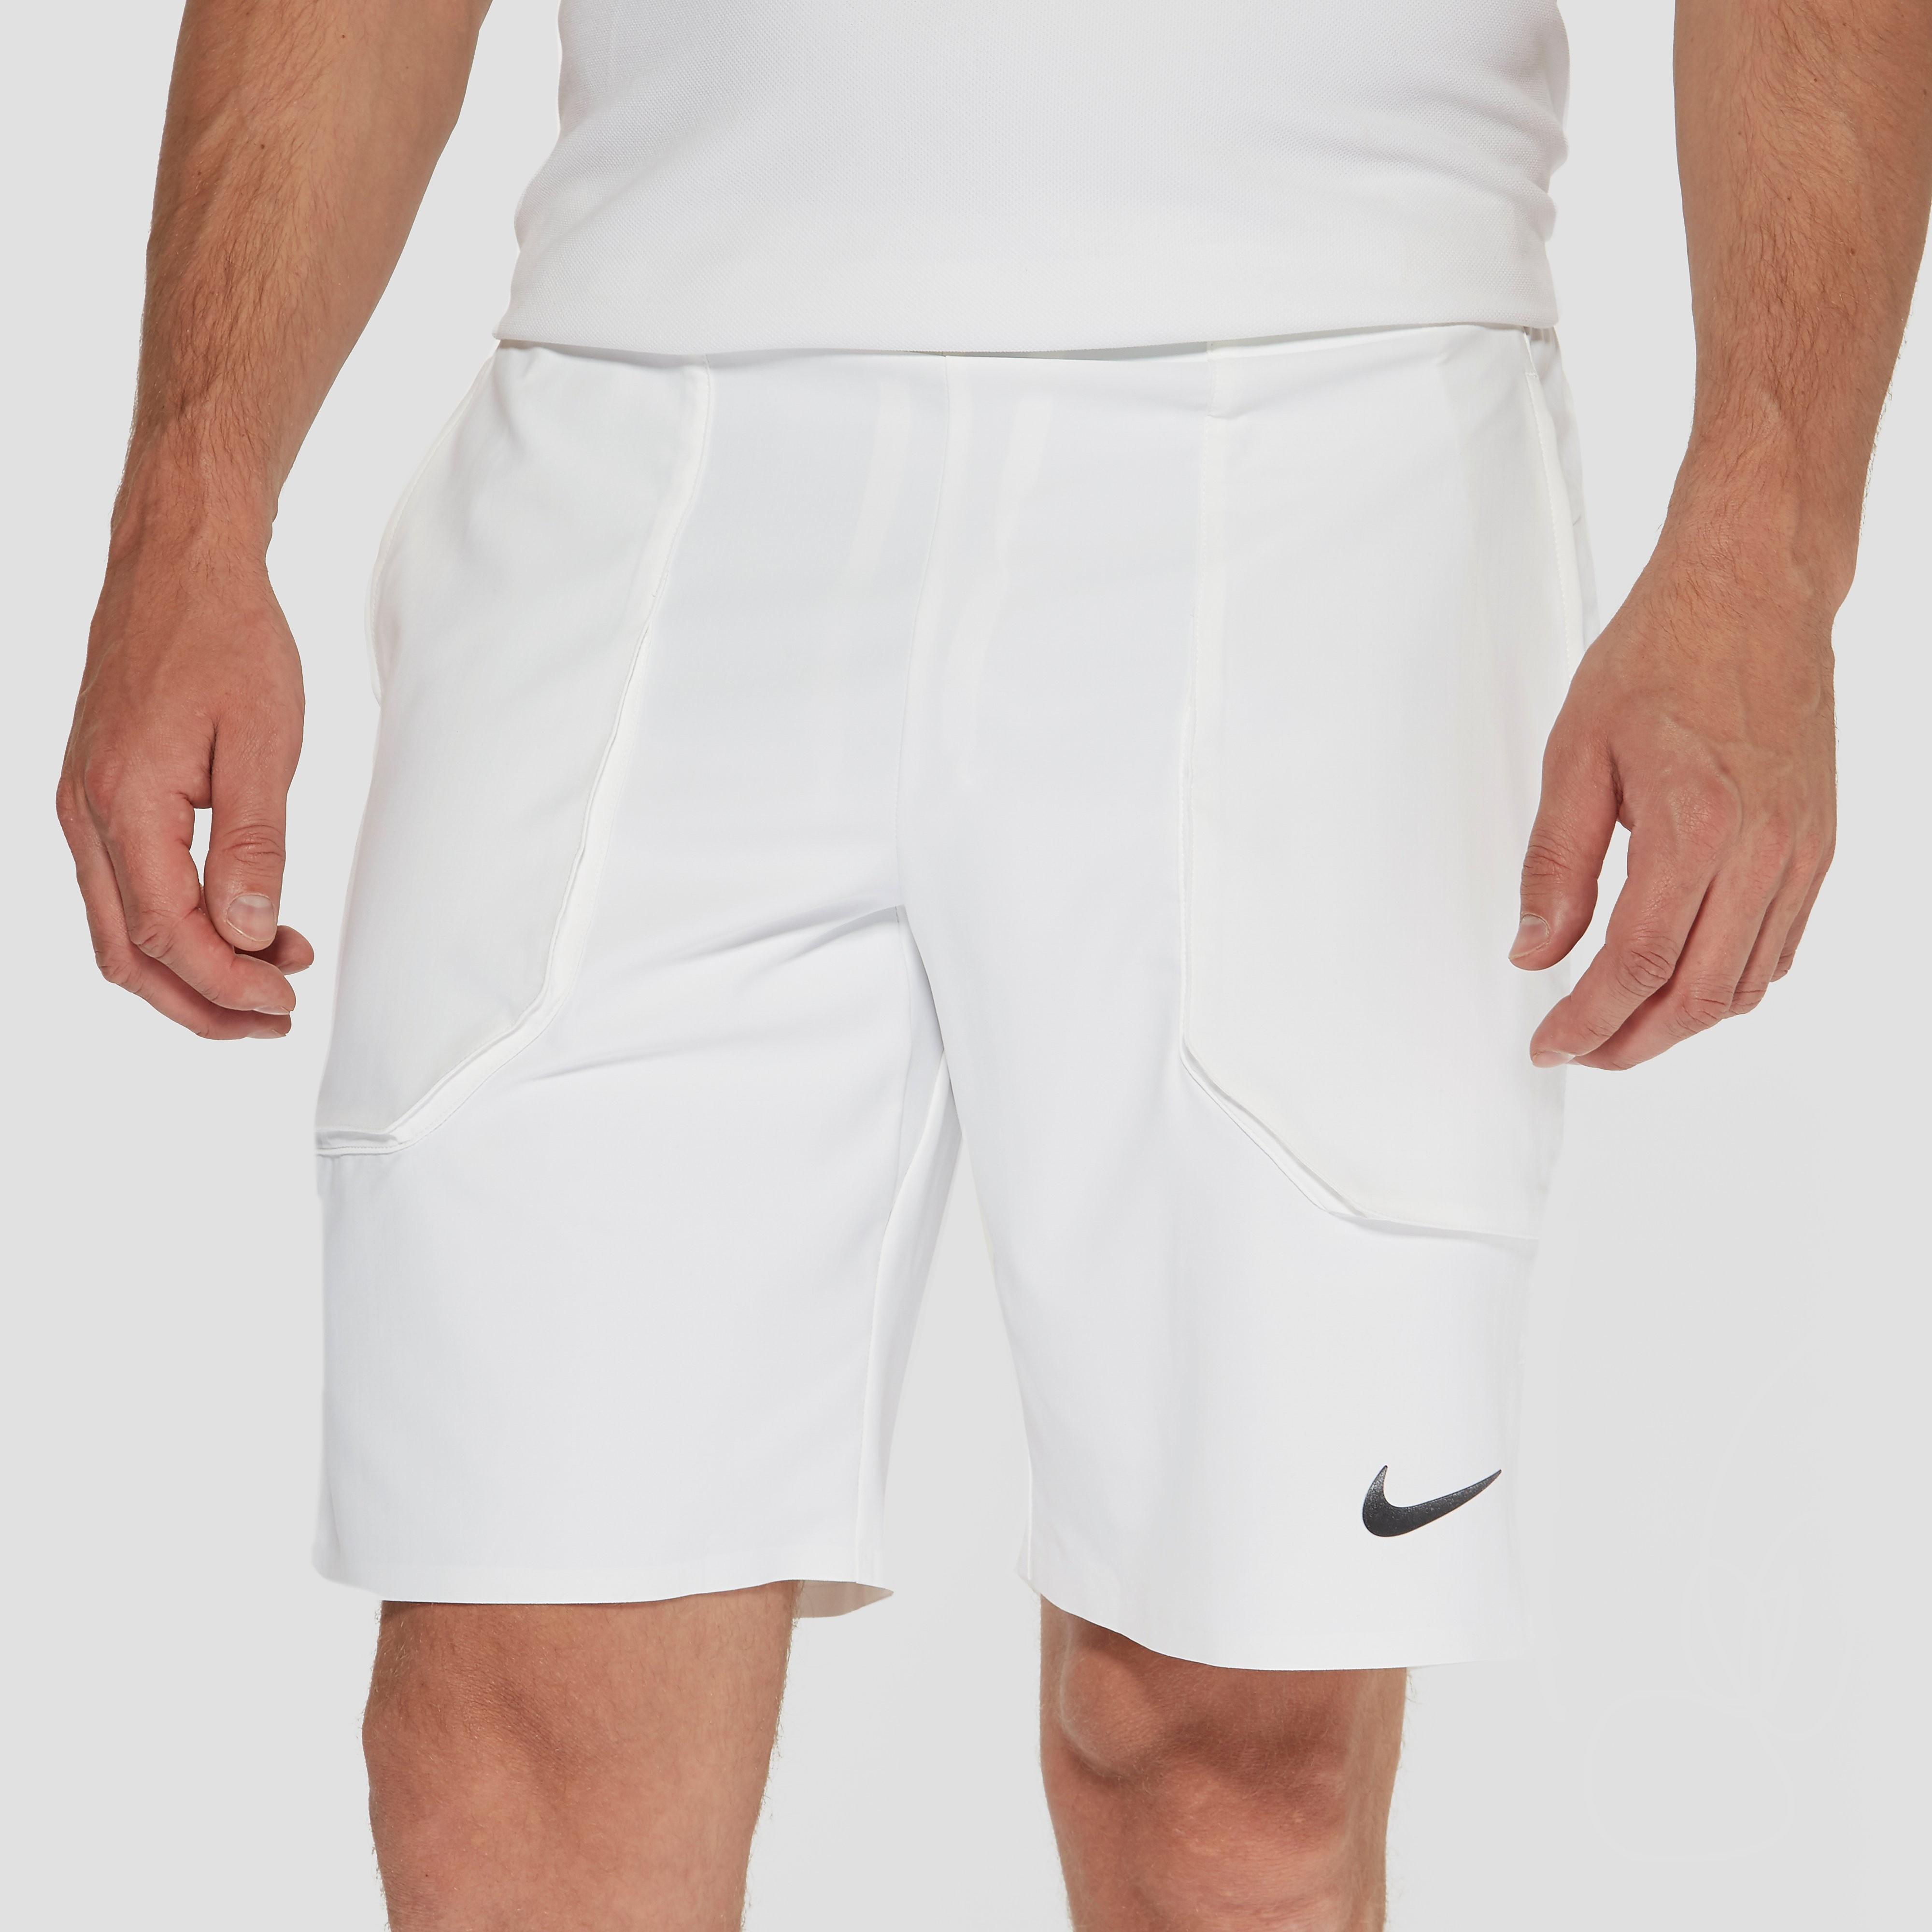 Nike Flex Ace Men's Court Shorts